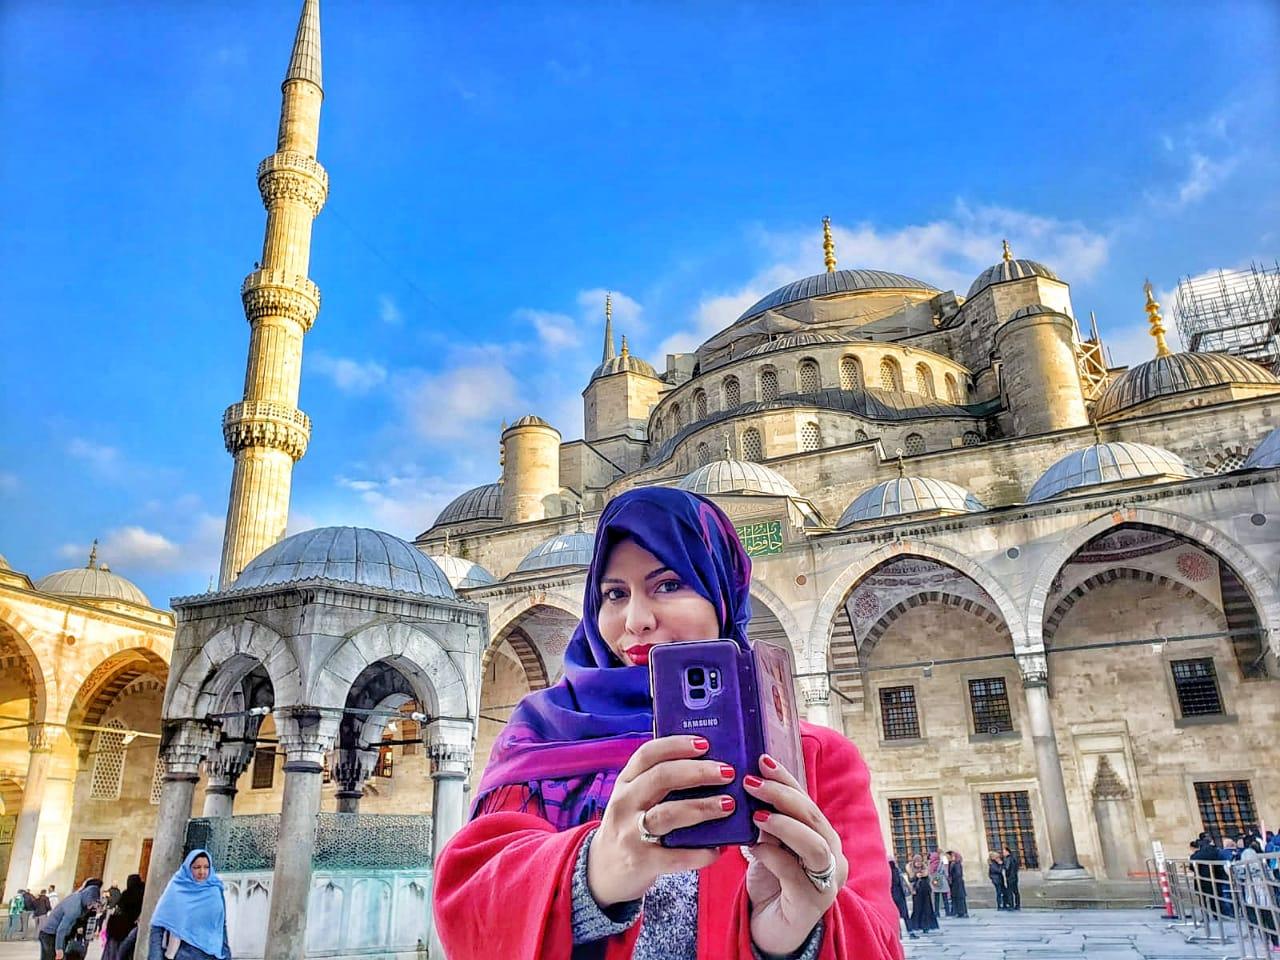 Aquí frente a la Mezquita Azul. Foto tomada por mi esposo Pierre @prangello con su Samsung Note 9